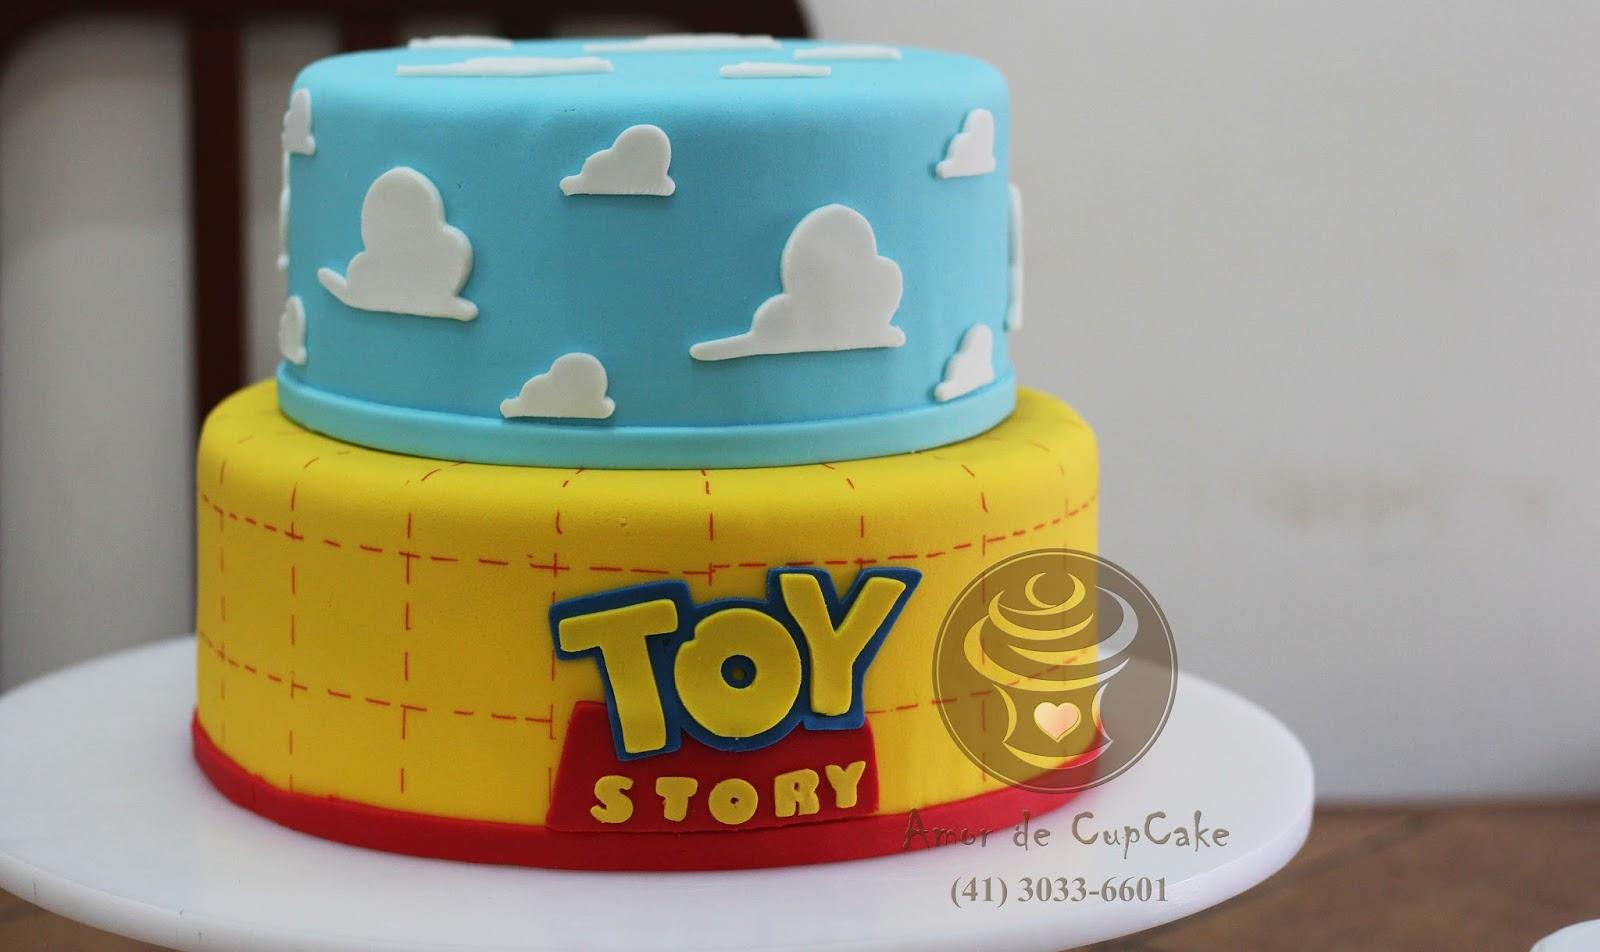 Super Amor de CupCake: Toy Story RA87